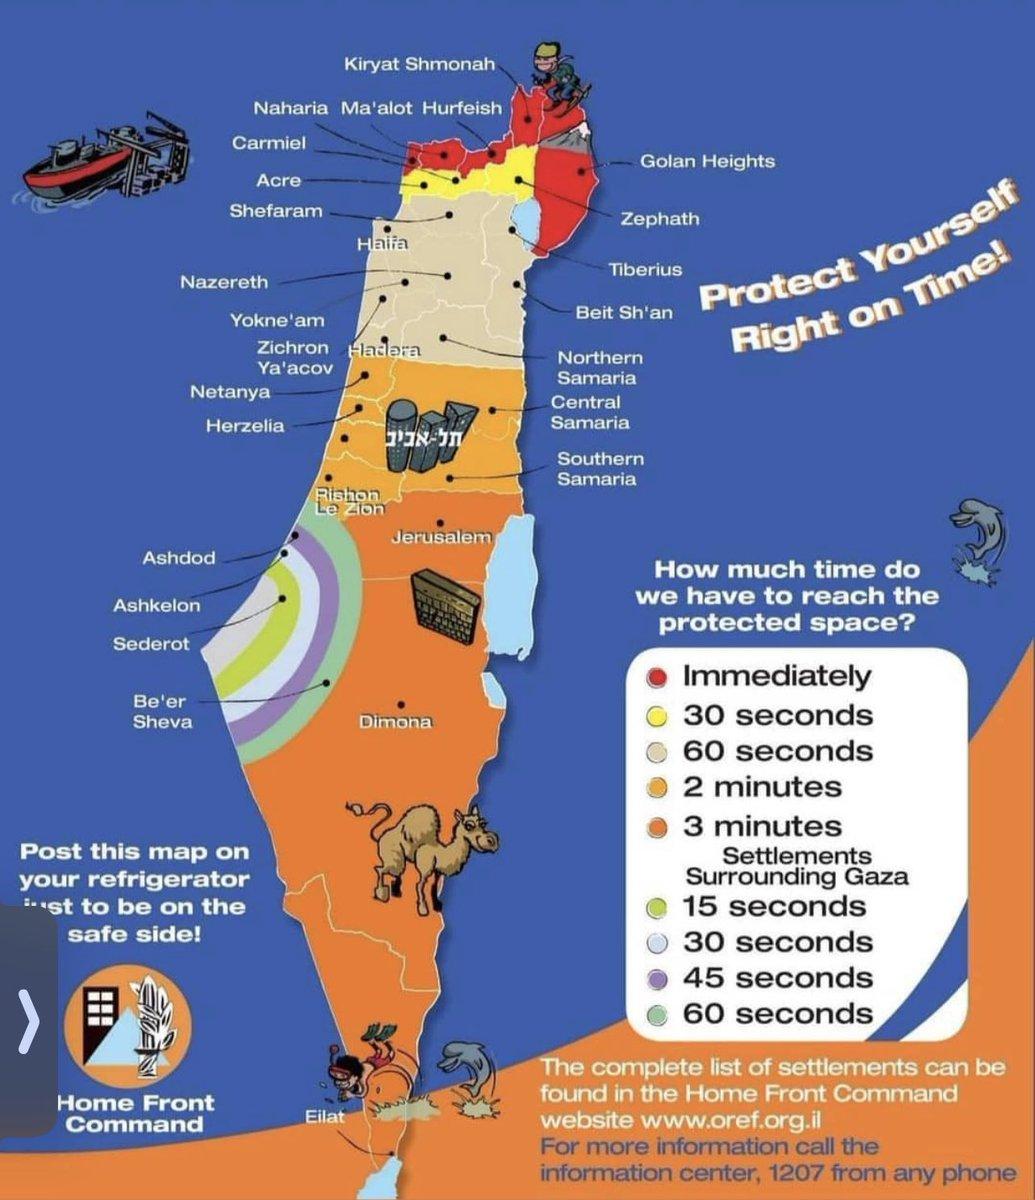 Zoveel tijd heb je in Israël om naar de schuilkelder te rennen als Hamas een raket naar jouw regio afvuurt. #Israel #Gaza https://t.co/hG2OVpwvgN